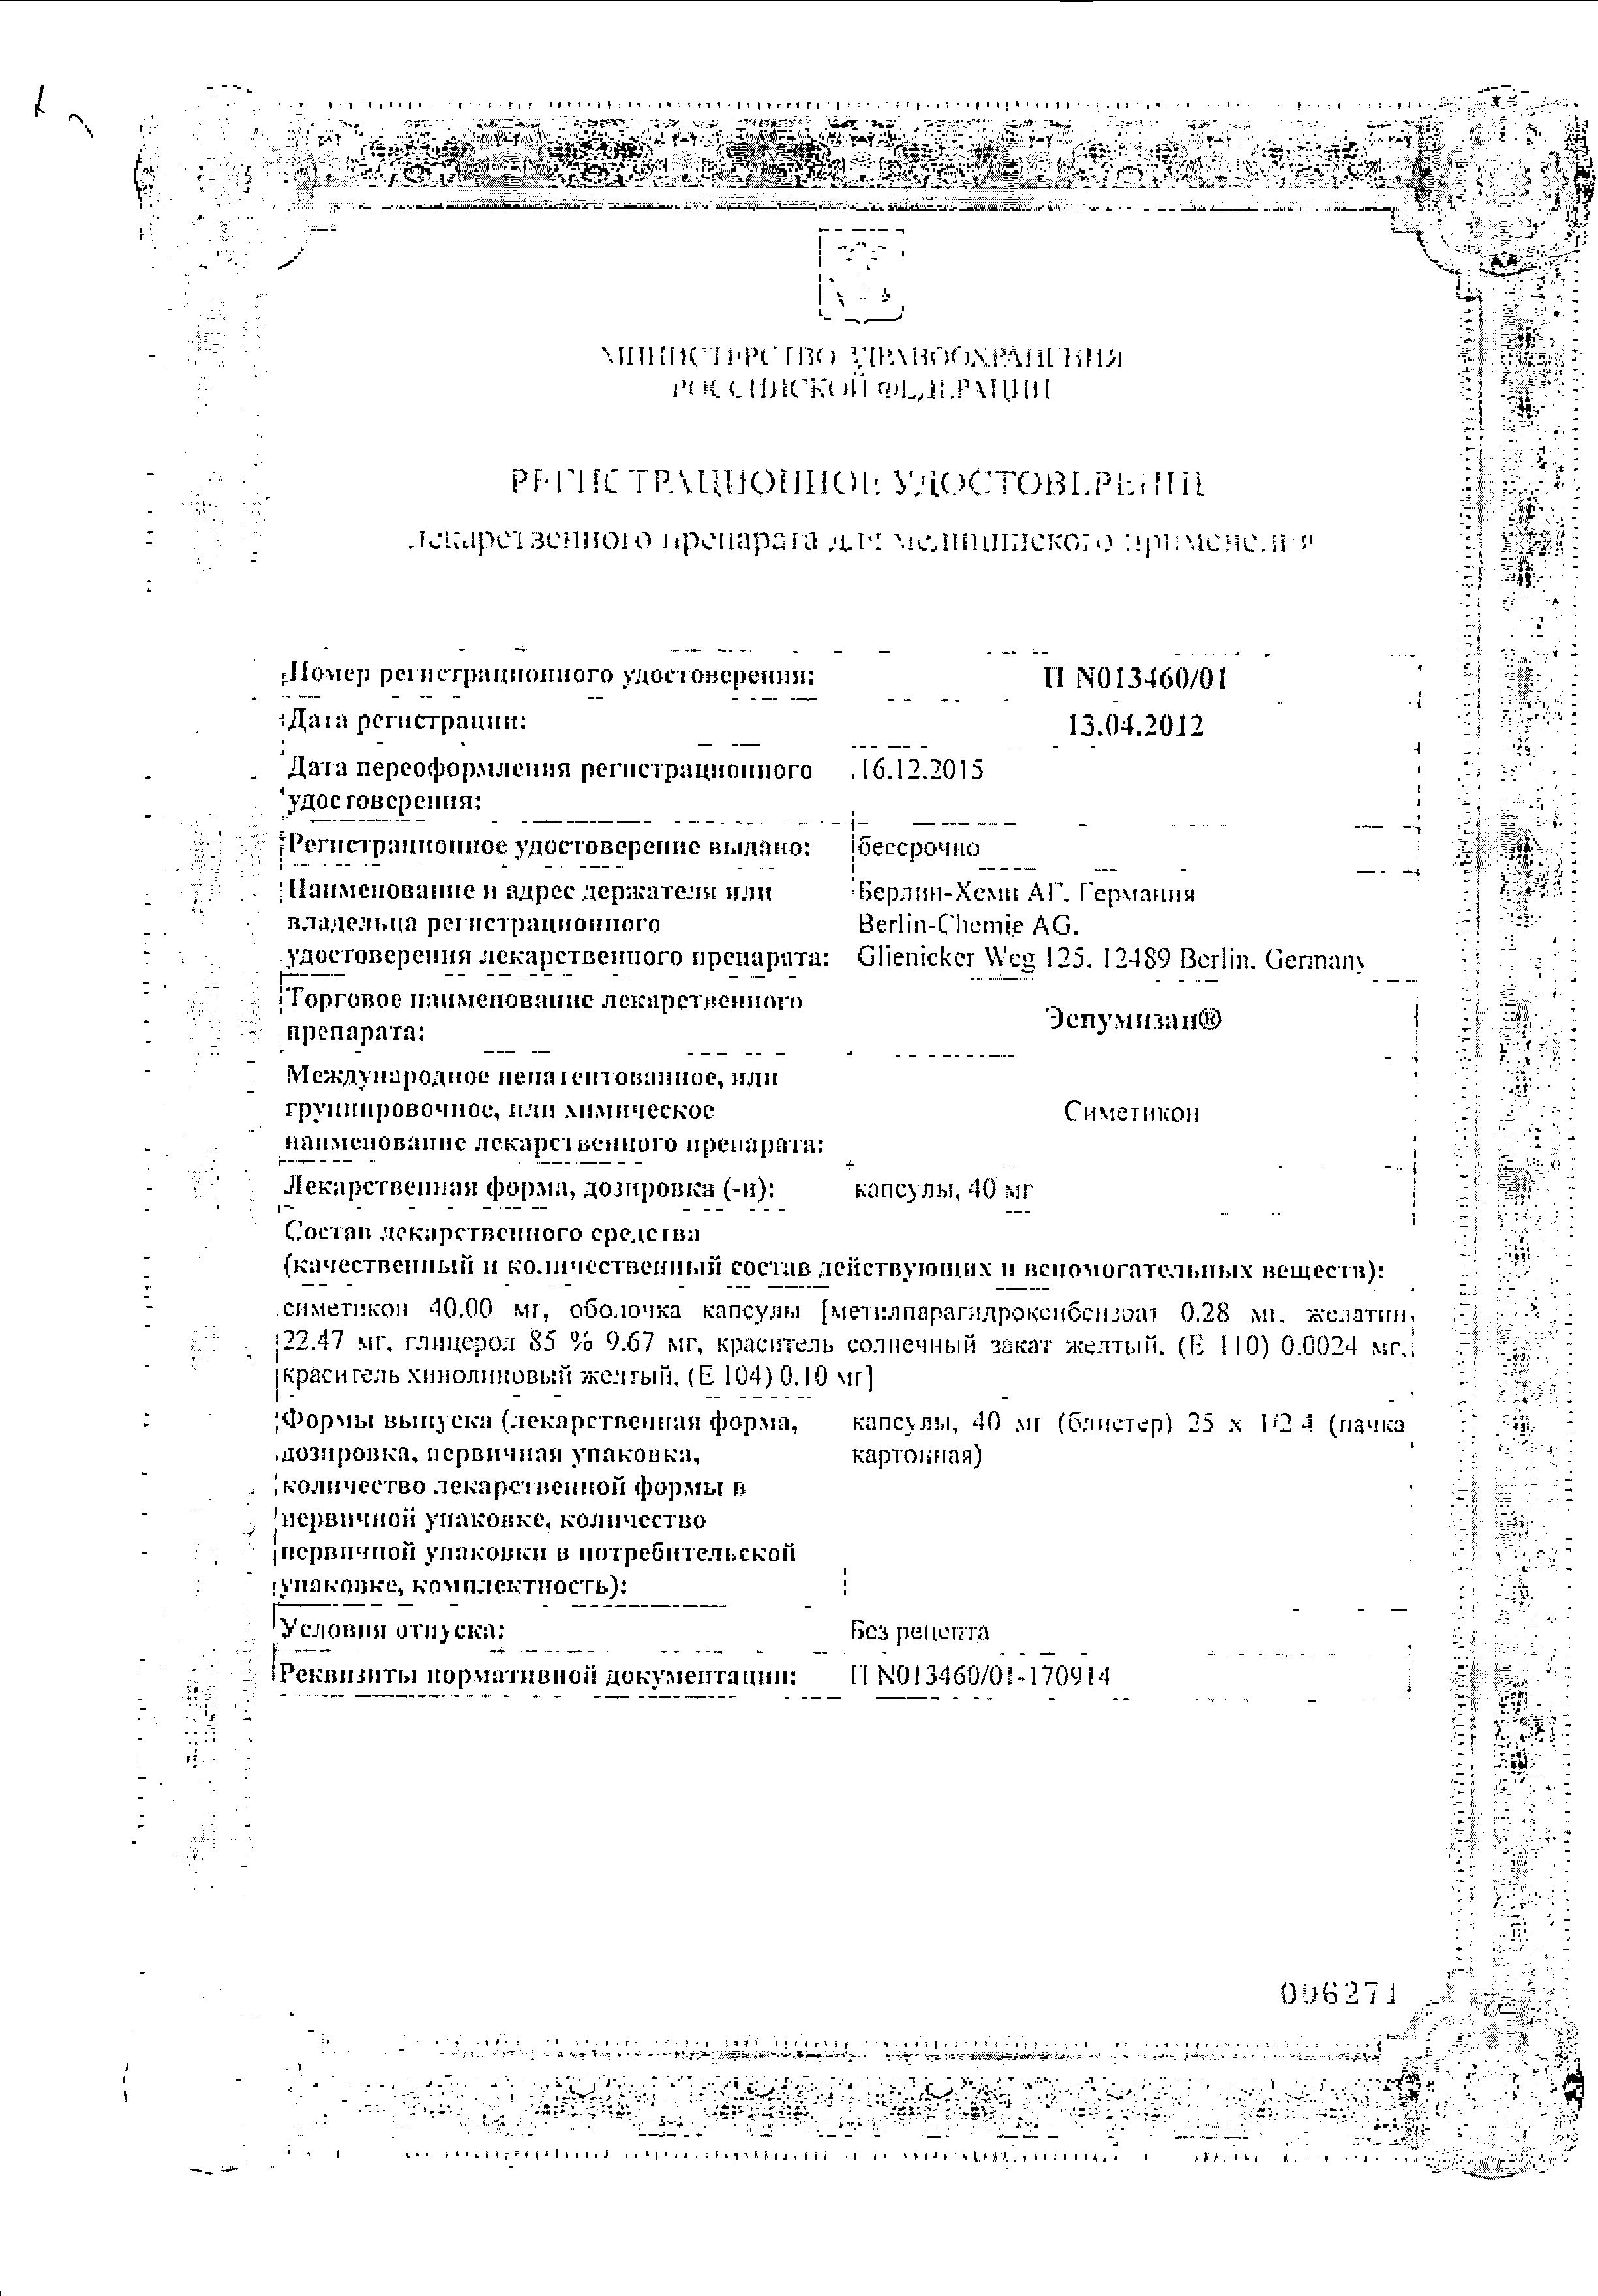 Эспумизан сертификат